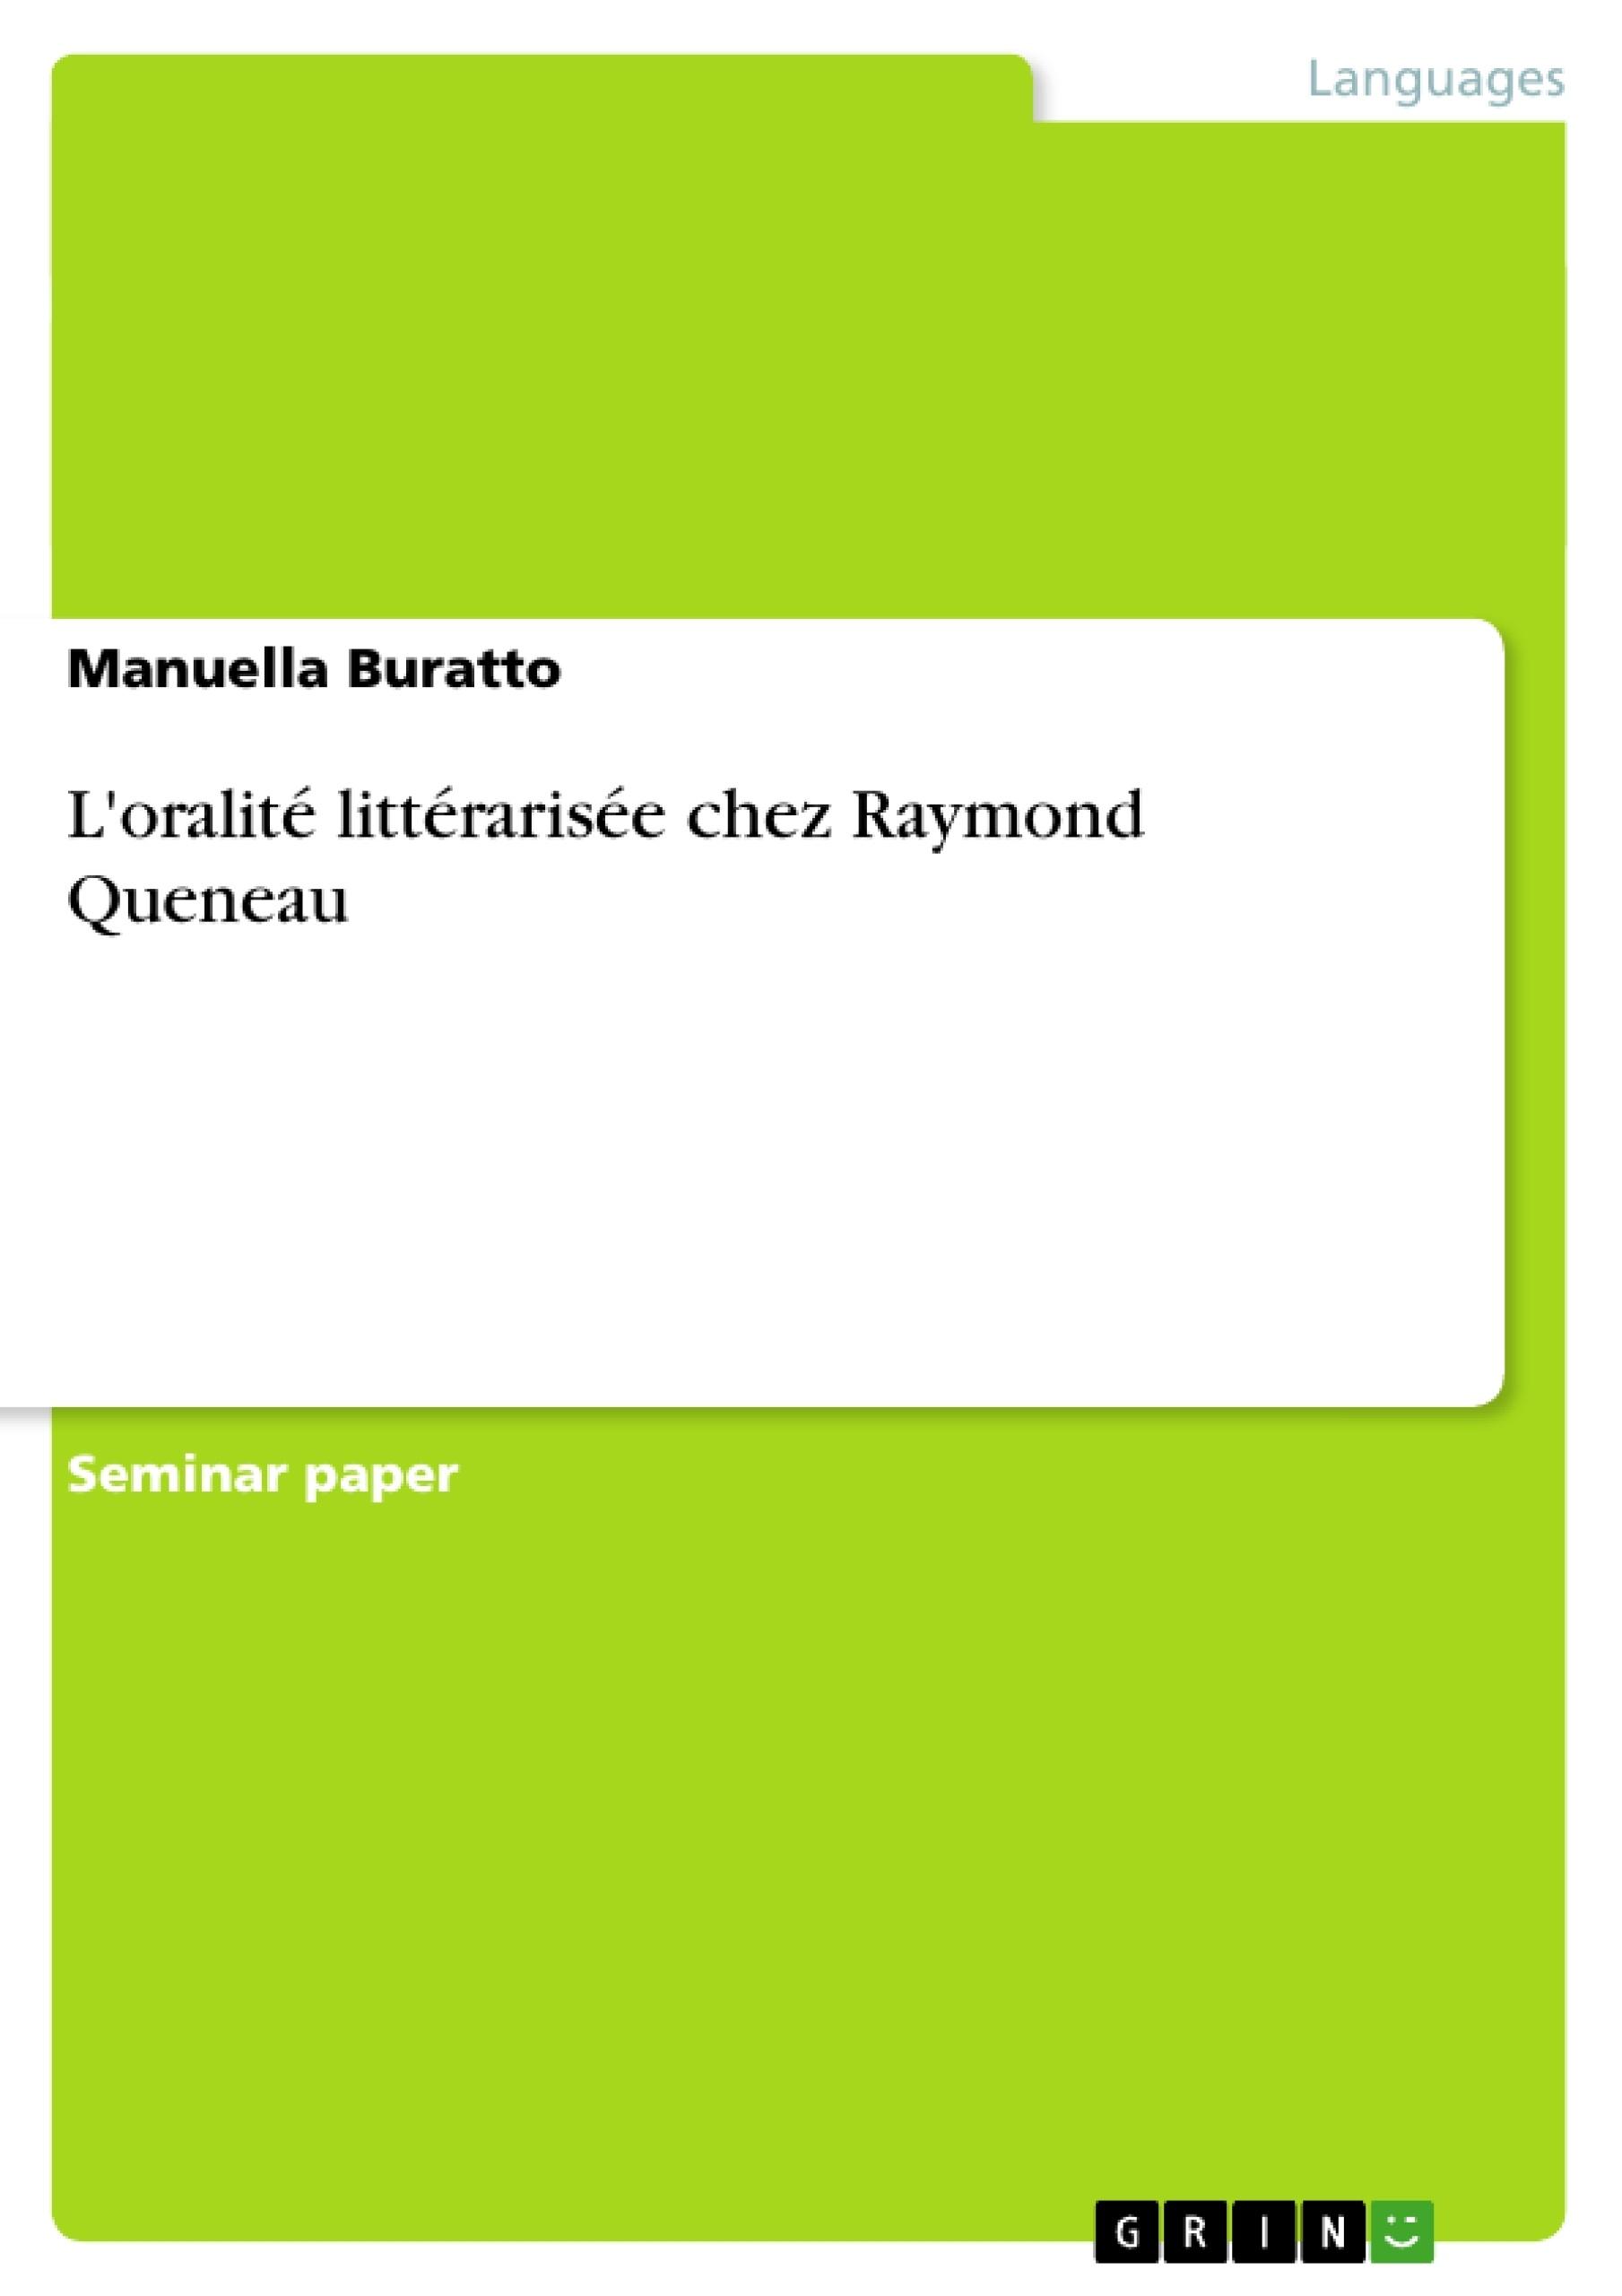 Titre: L'oralité littérarisée chez Raymond Queneau